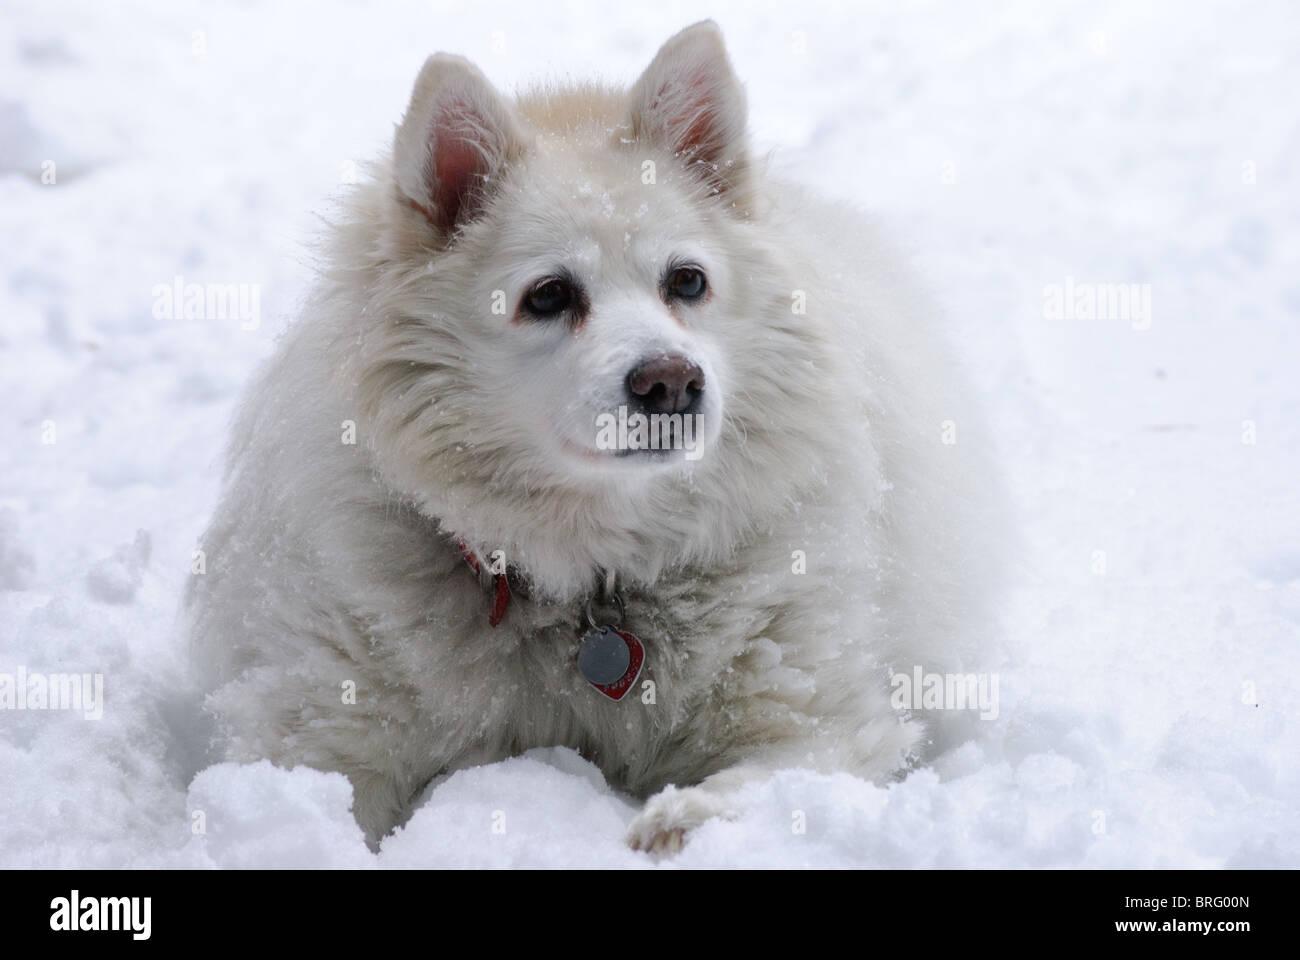 Ein weißer American Eskimo Hund sieht ruhig und friedlich im Schnee Stockfoto